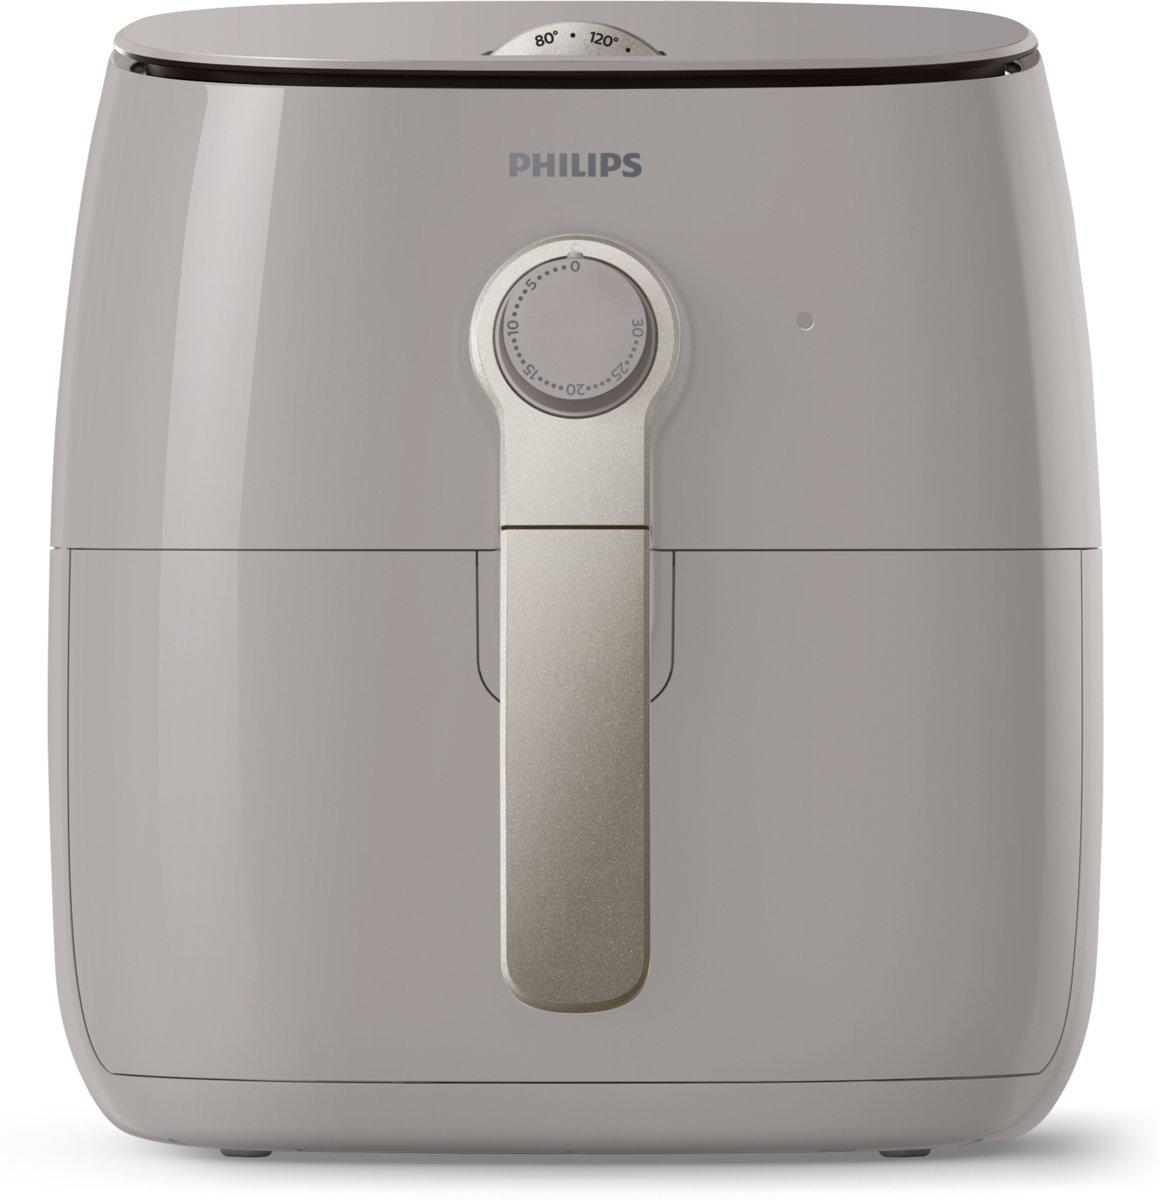 Philips Viva Airfryer HD9621/80 - Hetelucht friteuse - Beige